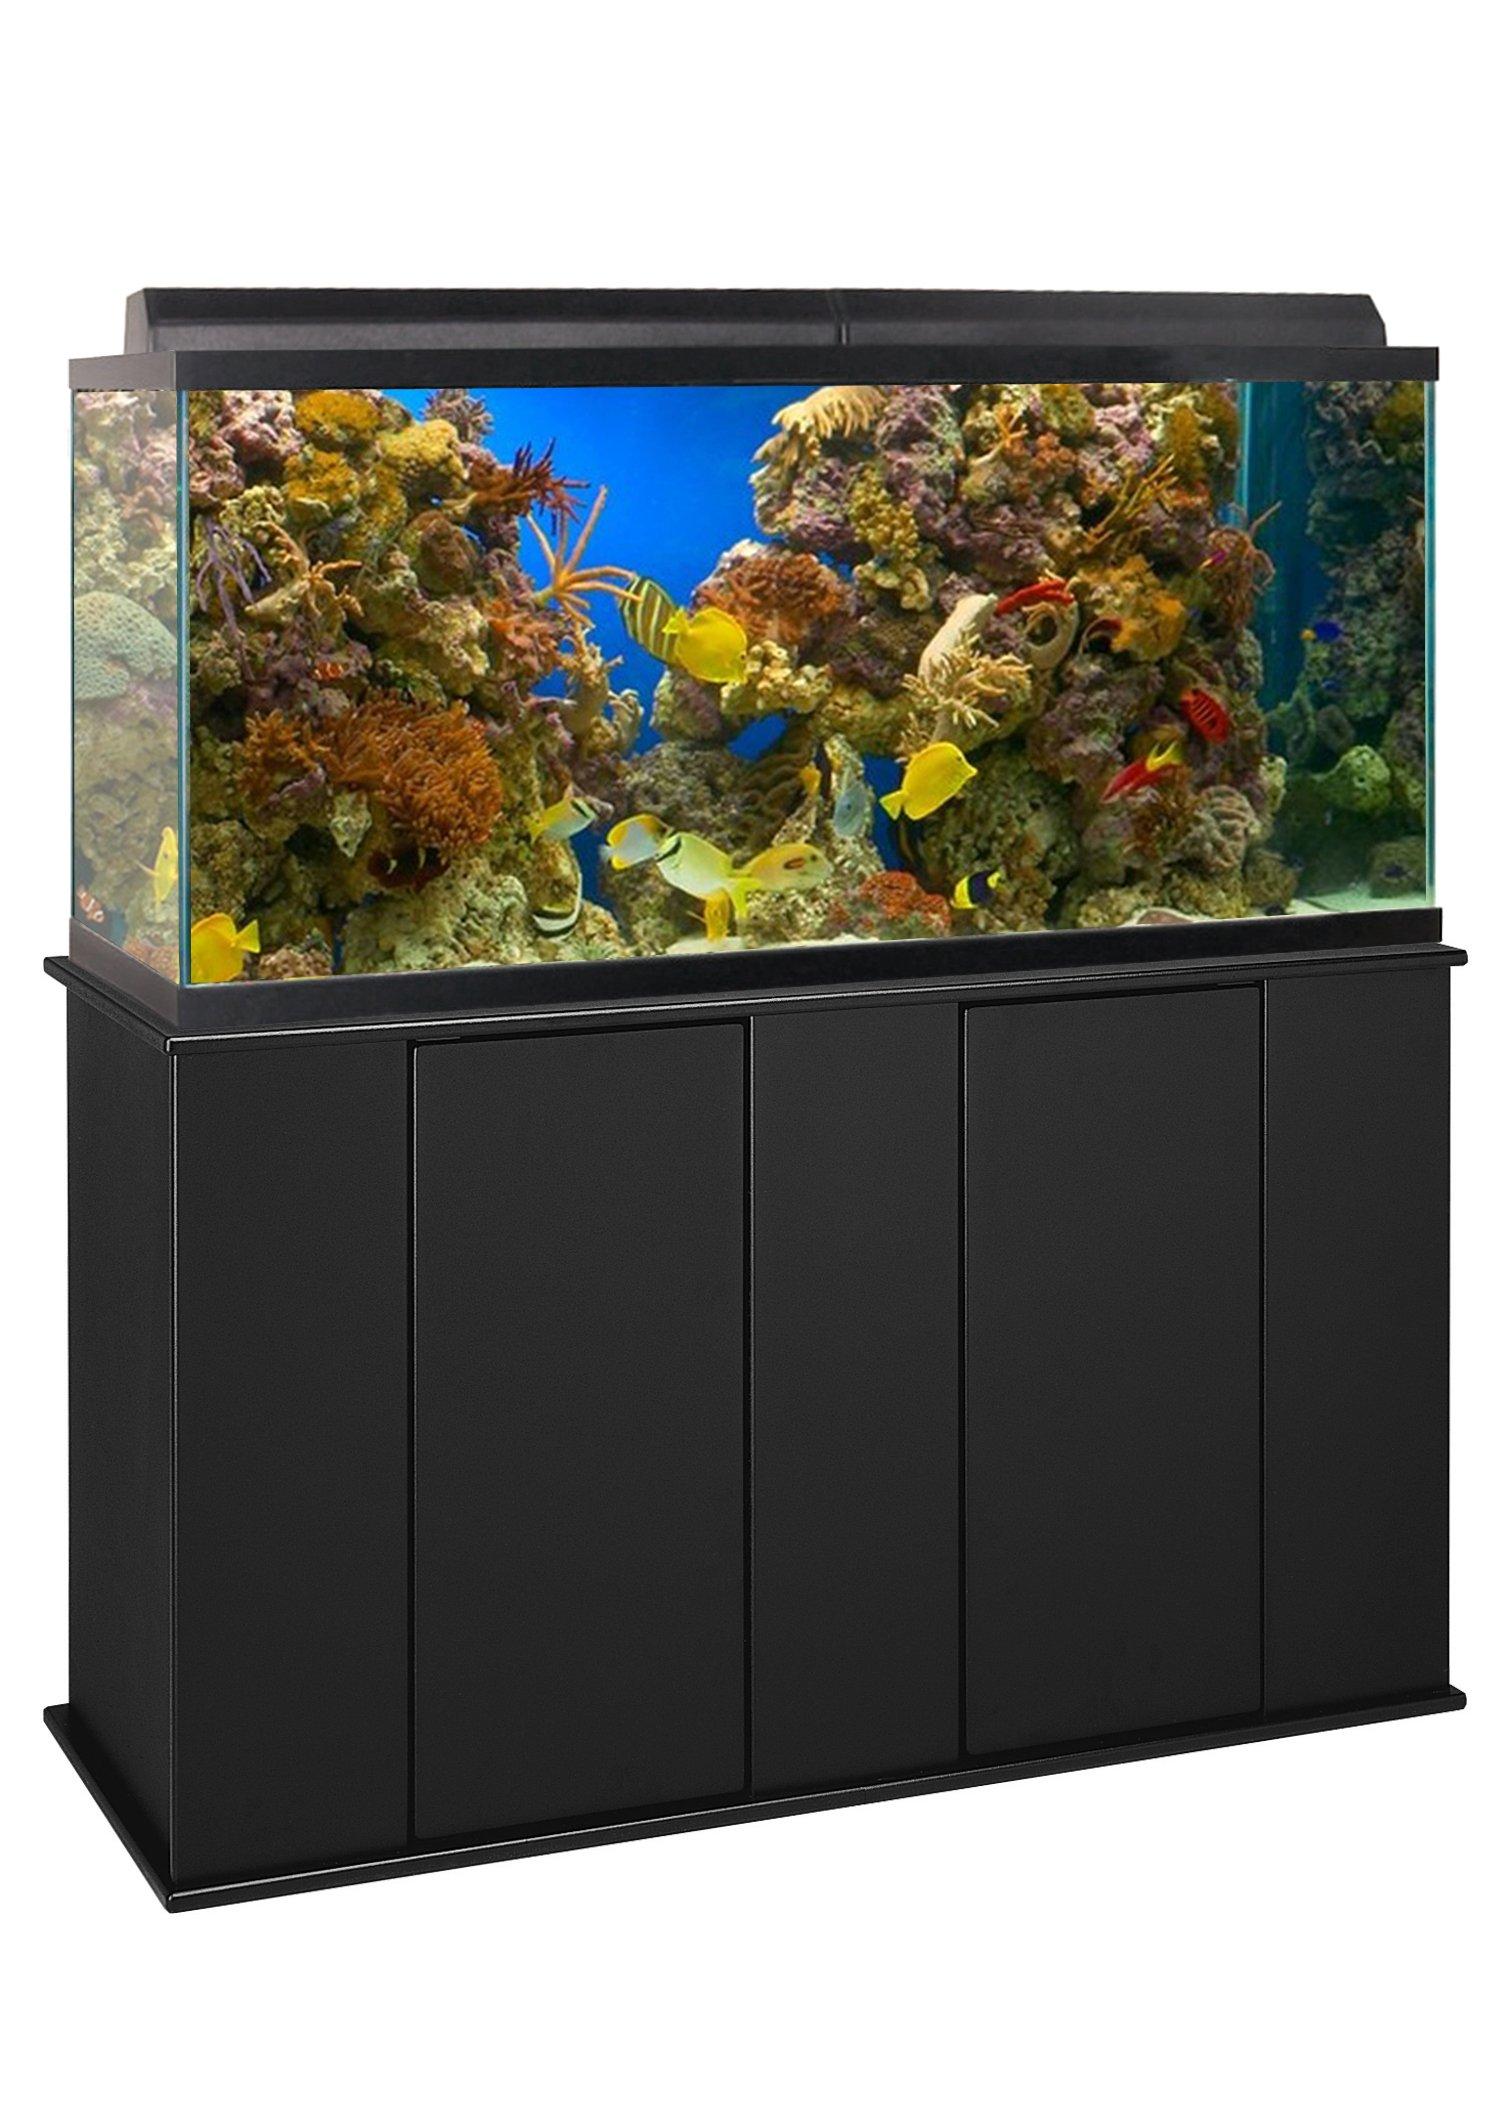 Aquatic Fundamentals 16551, 55 Gallon Upright Aquarium Stand, Black by Aquatic Fundamentals